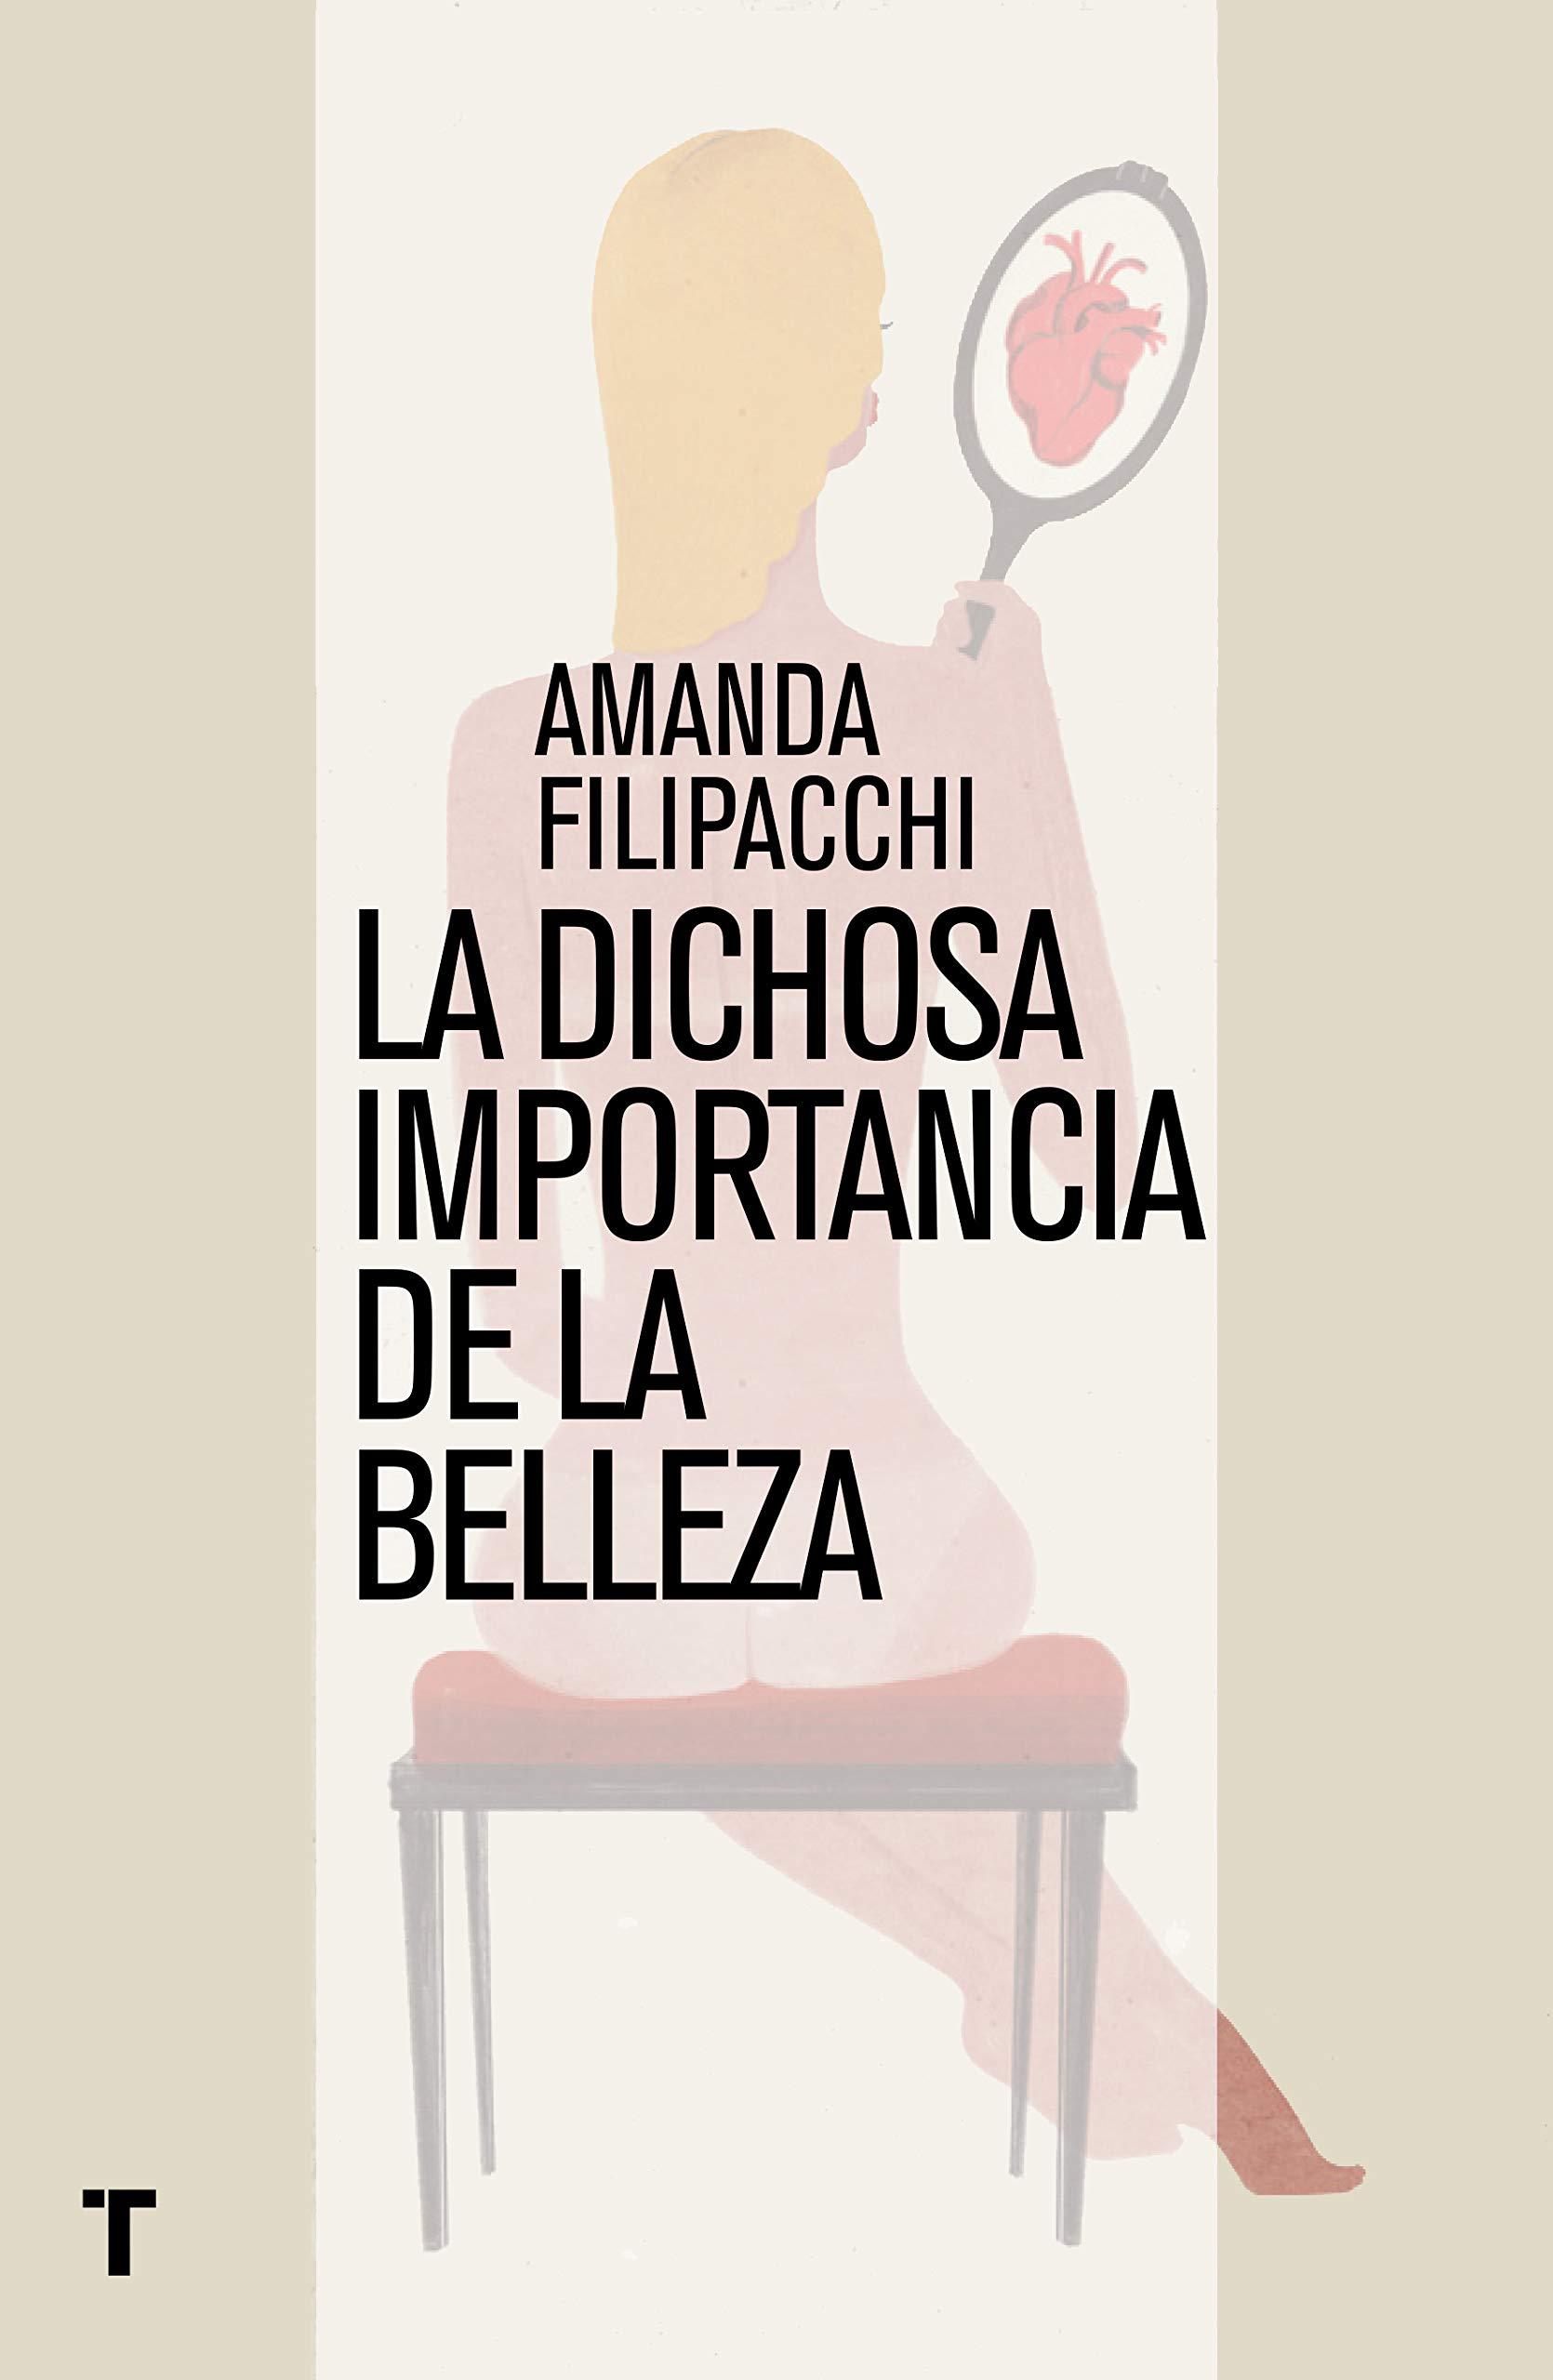 La dichosa importancia de la belleza El Cuarto de las Maravillas: Amazon.es: Filipacchi, Amanda, Alcaraz, Marta: Libros